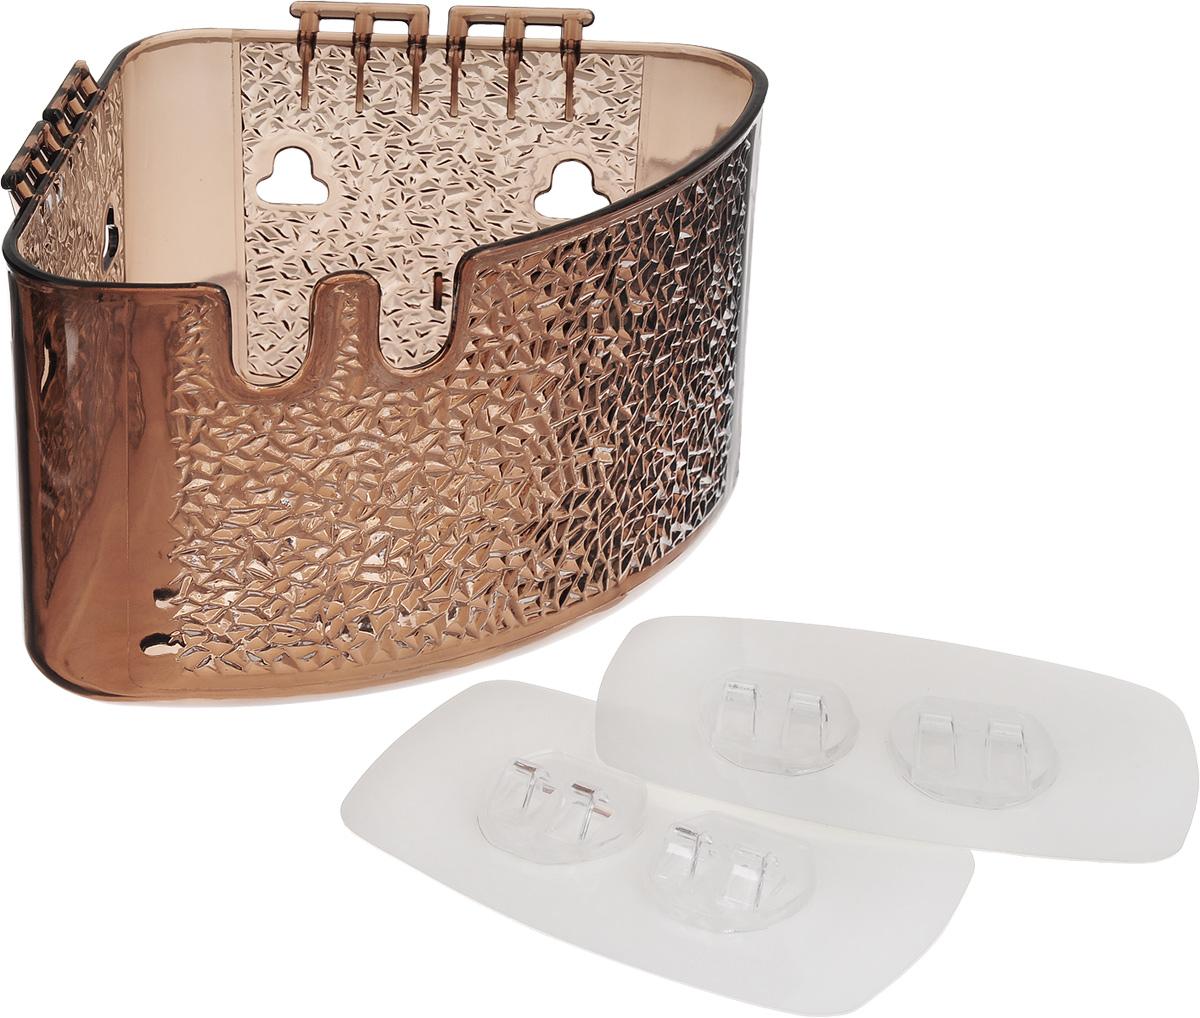 Полка угловая Fresh Code, на липкой основе, цвет: серый, 18,5 х 14 х 10 см64944_серыйУгловая полка Fresh Code для ванной комнаты выполнена из цветного пластика. Она пригодится для хранения различных принадлежностей, которые всегда будут под рукой. Крепление на липкой основе многократного использования идеально подходит для гладкой поверхности. Такая полка поможет создать прекрасное настроение ванной комнаты. Благодаря компактным размерам полка впишется в интерьер вашего дома и позволит удобно хранить предметы домашнего обихода. Максимальная нагрузка 3 кг.